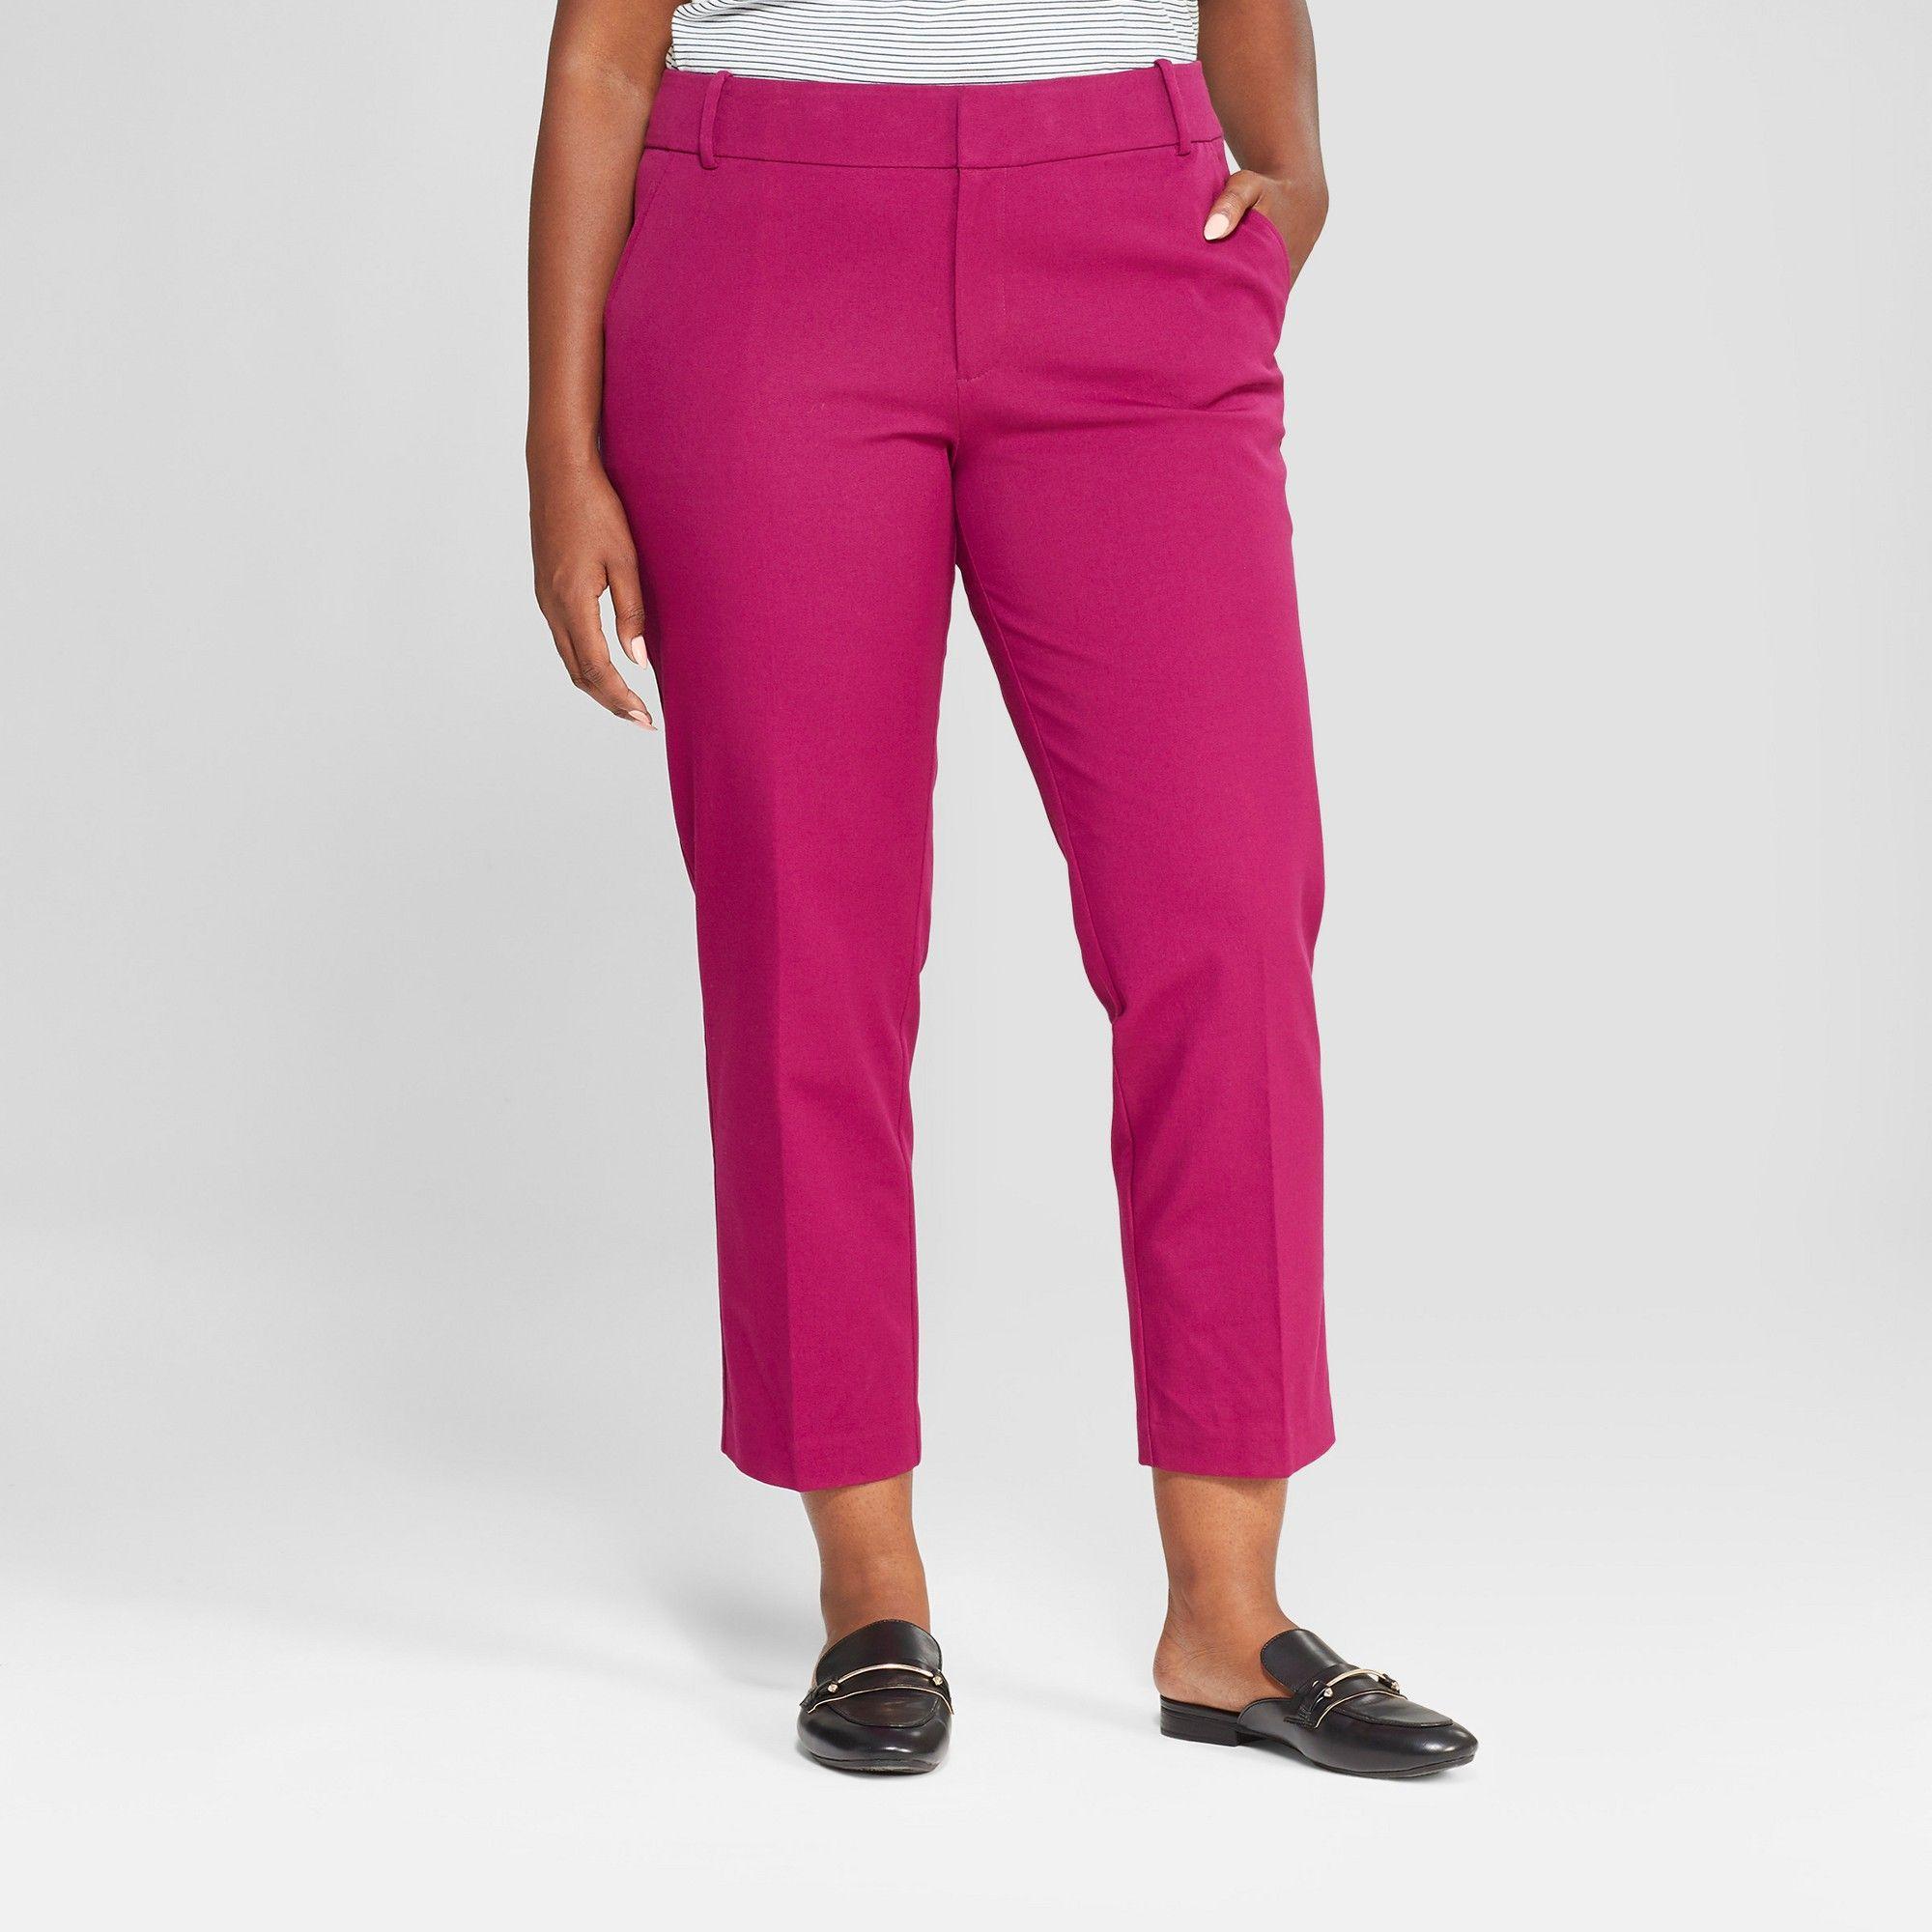 380d1293781 Women s Plus Size Ankle Pants - Ava   Viv Magenta (Pink) 24W ...